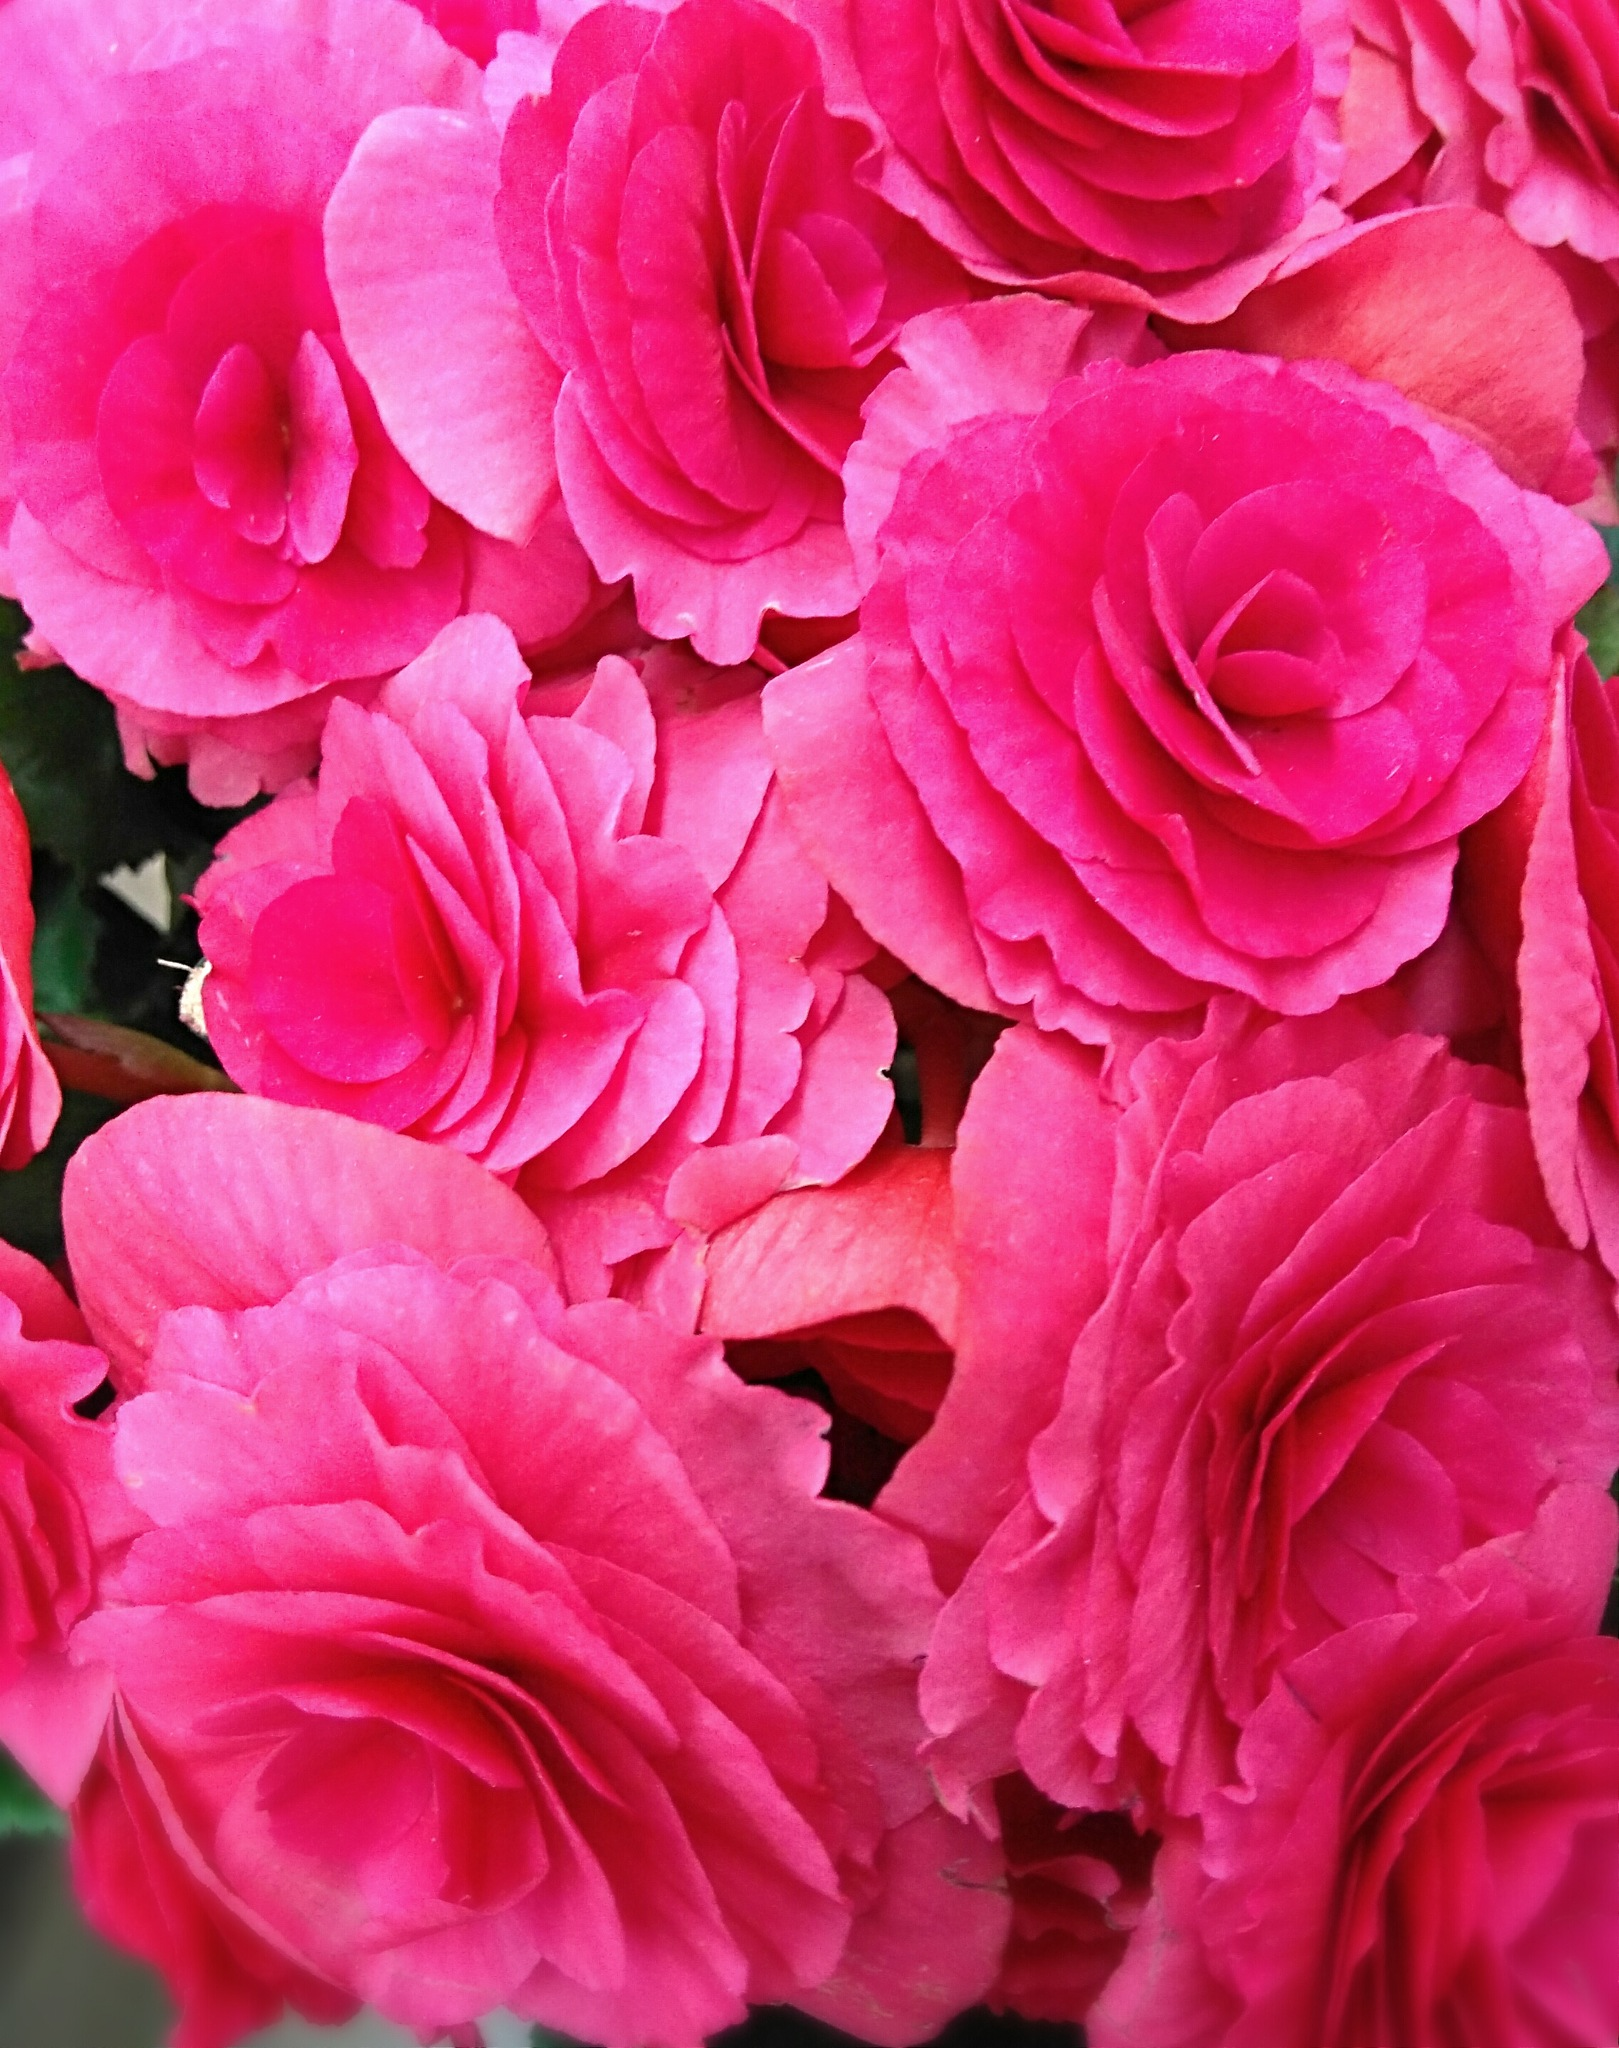 Prímula rosa by Sirlei